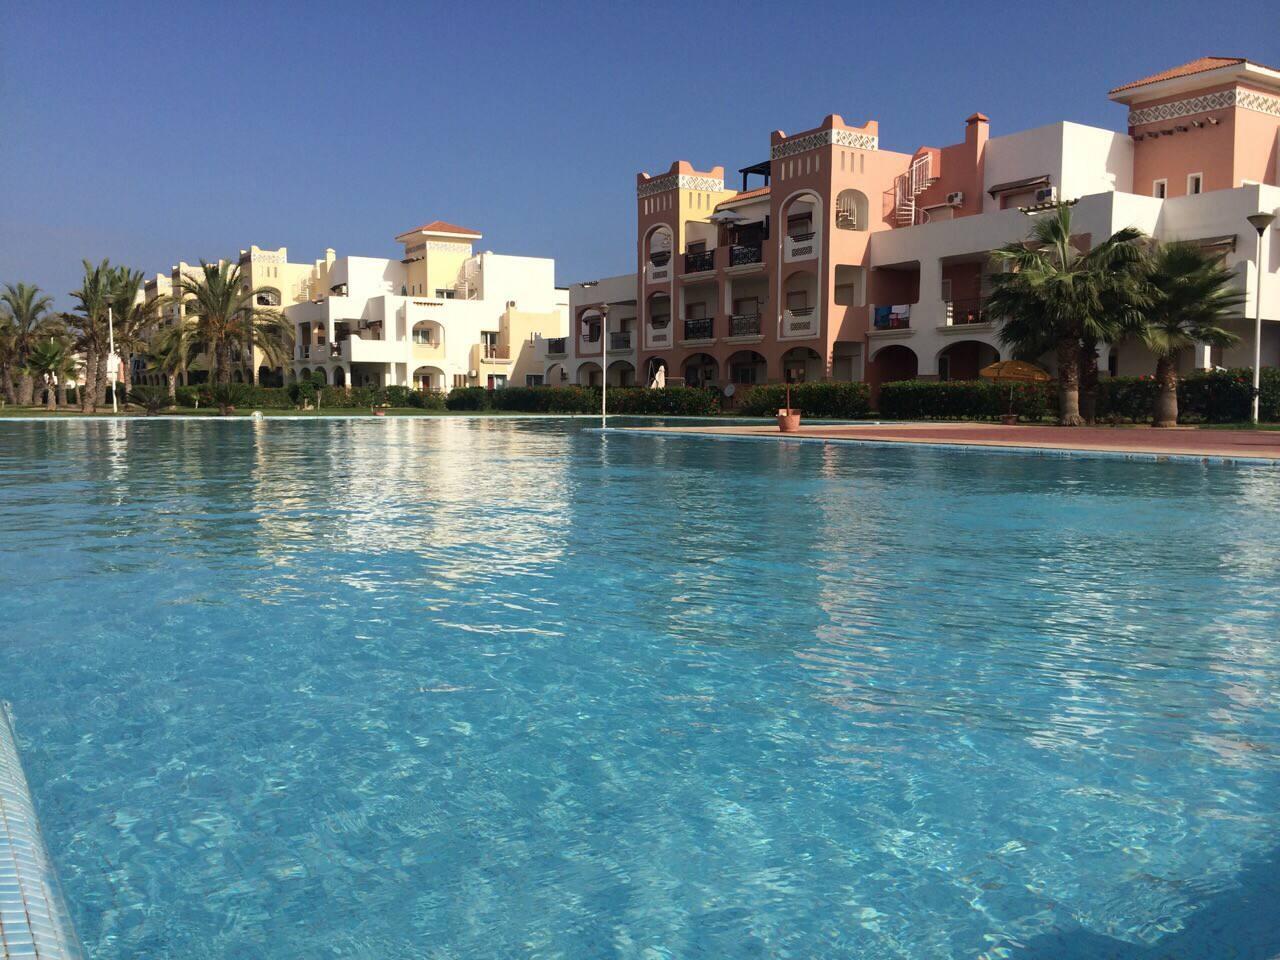 L'une des 3 piscines de la résidence.